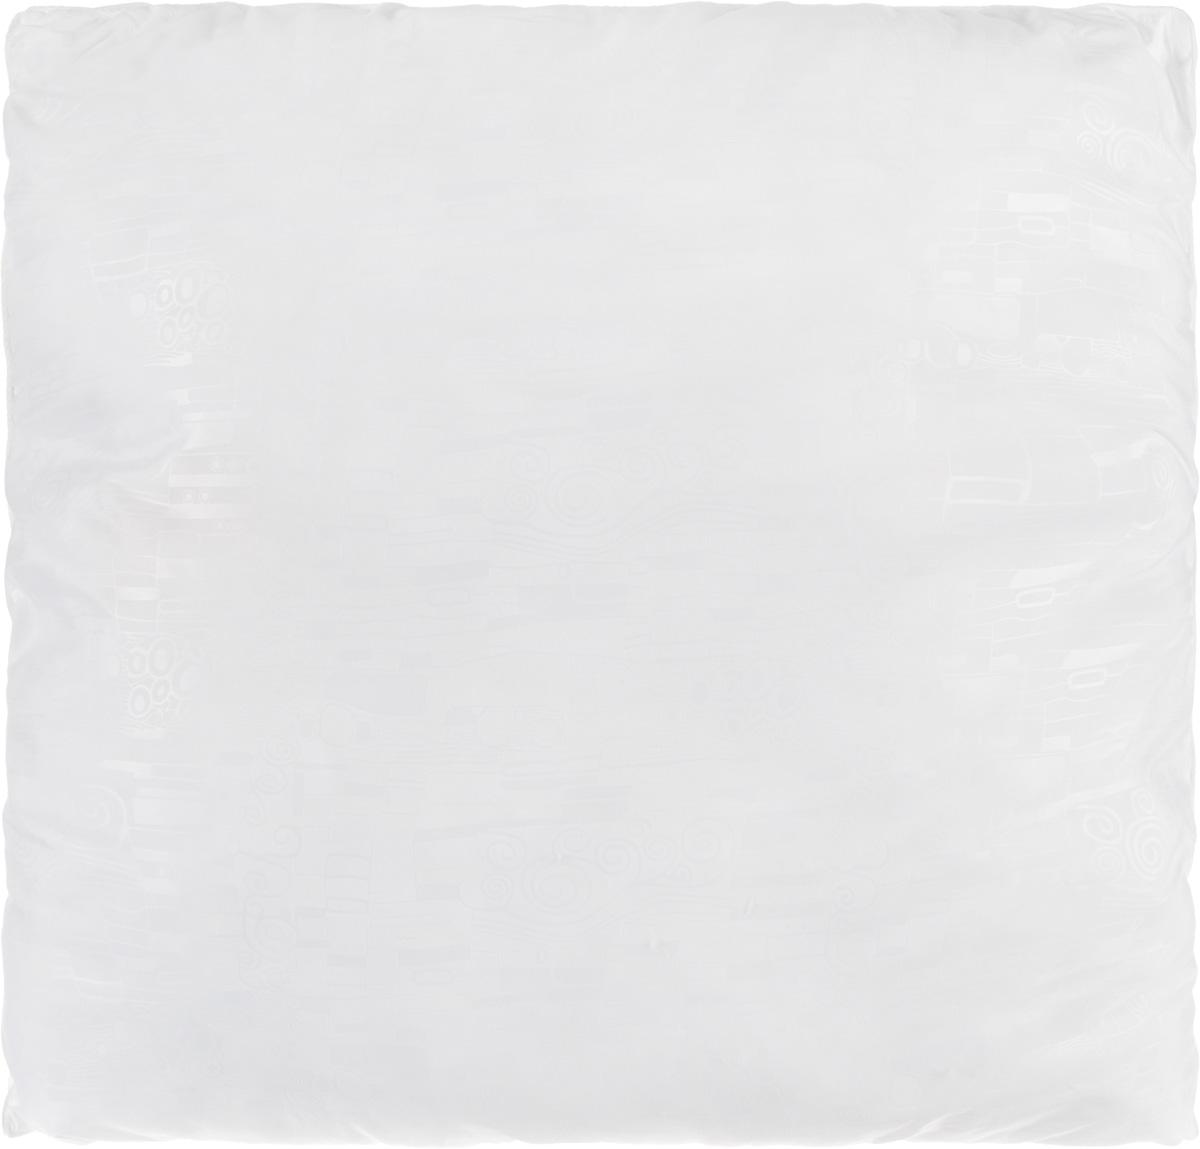 Подушка Smart Textile Безмятежность, наполнитель: лебяжий пух, бамбук, цвет: белый, 70 х 70 см3122215630Удобная и мягкая подушка Smart Textile Безмятежность подарит здоровый сон и отличный отдых. Чехол подушки на молнии выполнен из микрофибры с красивым узором. В качестве наполнителя используется лебяжий пух с добавлением бамбукового волокна. Подушка мягкая, легкая и воздушная, бамбуковый наполнитель напоминает вату или синтепон. Лебяжий пух - это 100% сверхтонкое высокосиликонизированное волокно. Такой наполнитель мягкий и приятный на ощупь. Гипоаллергенное волокно бамбука легко пропускает воздух и не вызывает потливости. Оно мгновенно впитывает влагу и быстро высыхает, что особенно важно в летний зной. Подушка удобна в эксплуатации: легко стирается, быстро сохнет, сохраняя первоначальные свойства, устойчива к воздействию прямых солнечных лучей, износостойка и прочна. Подушка не накапливает запахов и не требует химчистки. Подушка упруга, великолепно держит форму, а также отличается достаточной жесткостью. Сон на такой подушке не принесет болей в шее и позвоночнике. Изделие также обладает высокой теплоизоляционной способностью - не вызывает перегрева головы.